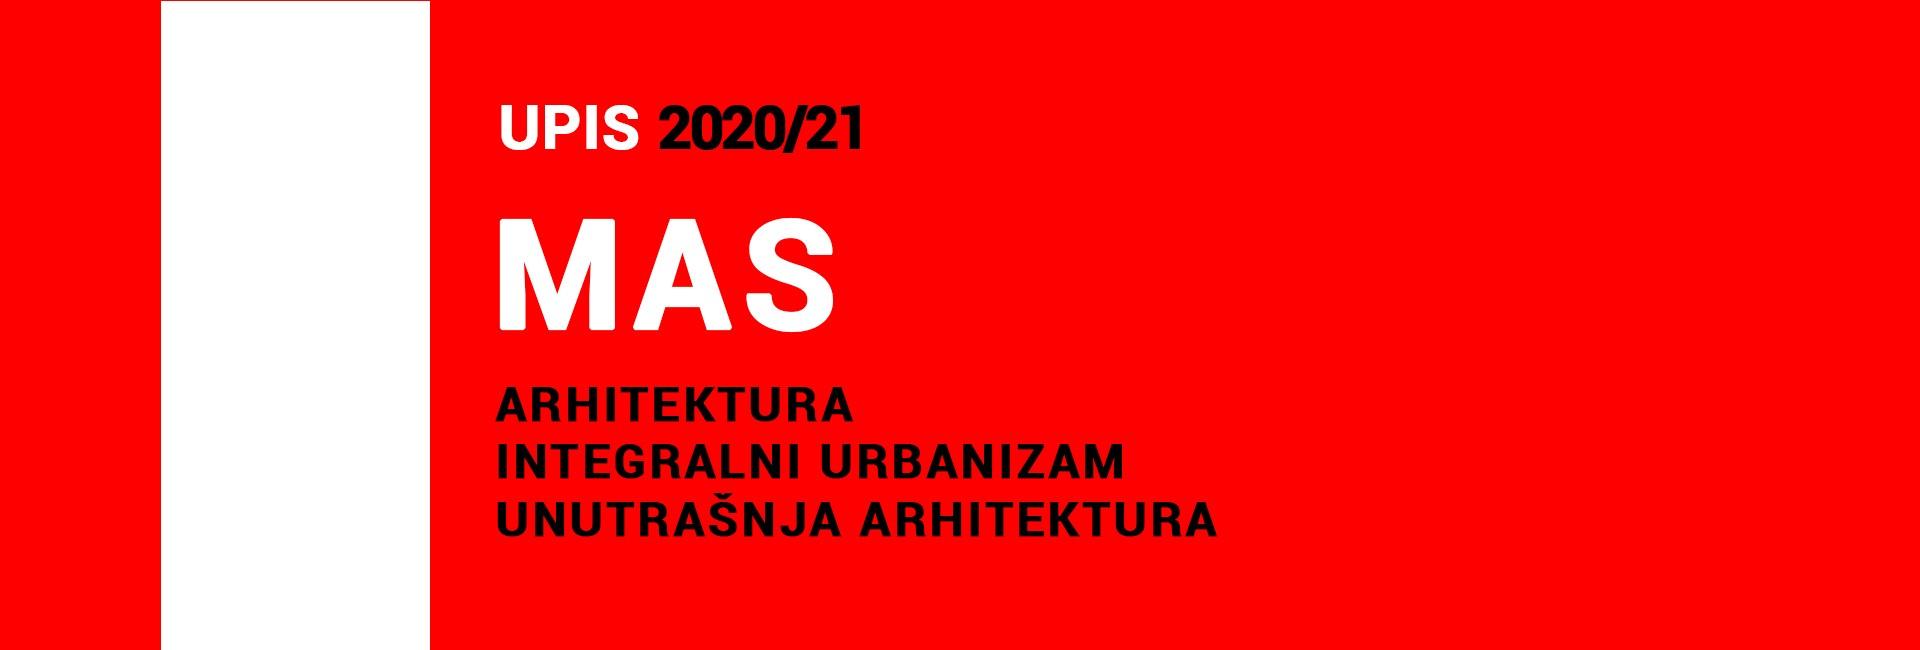 MAS 2020/21 drugi upisni rok: PRELIMINARNE RANG LISTE